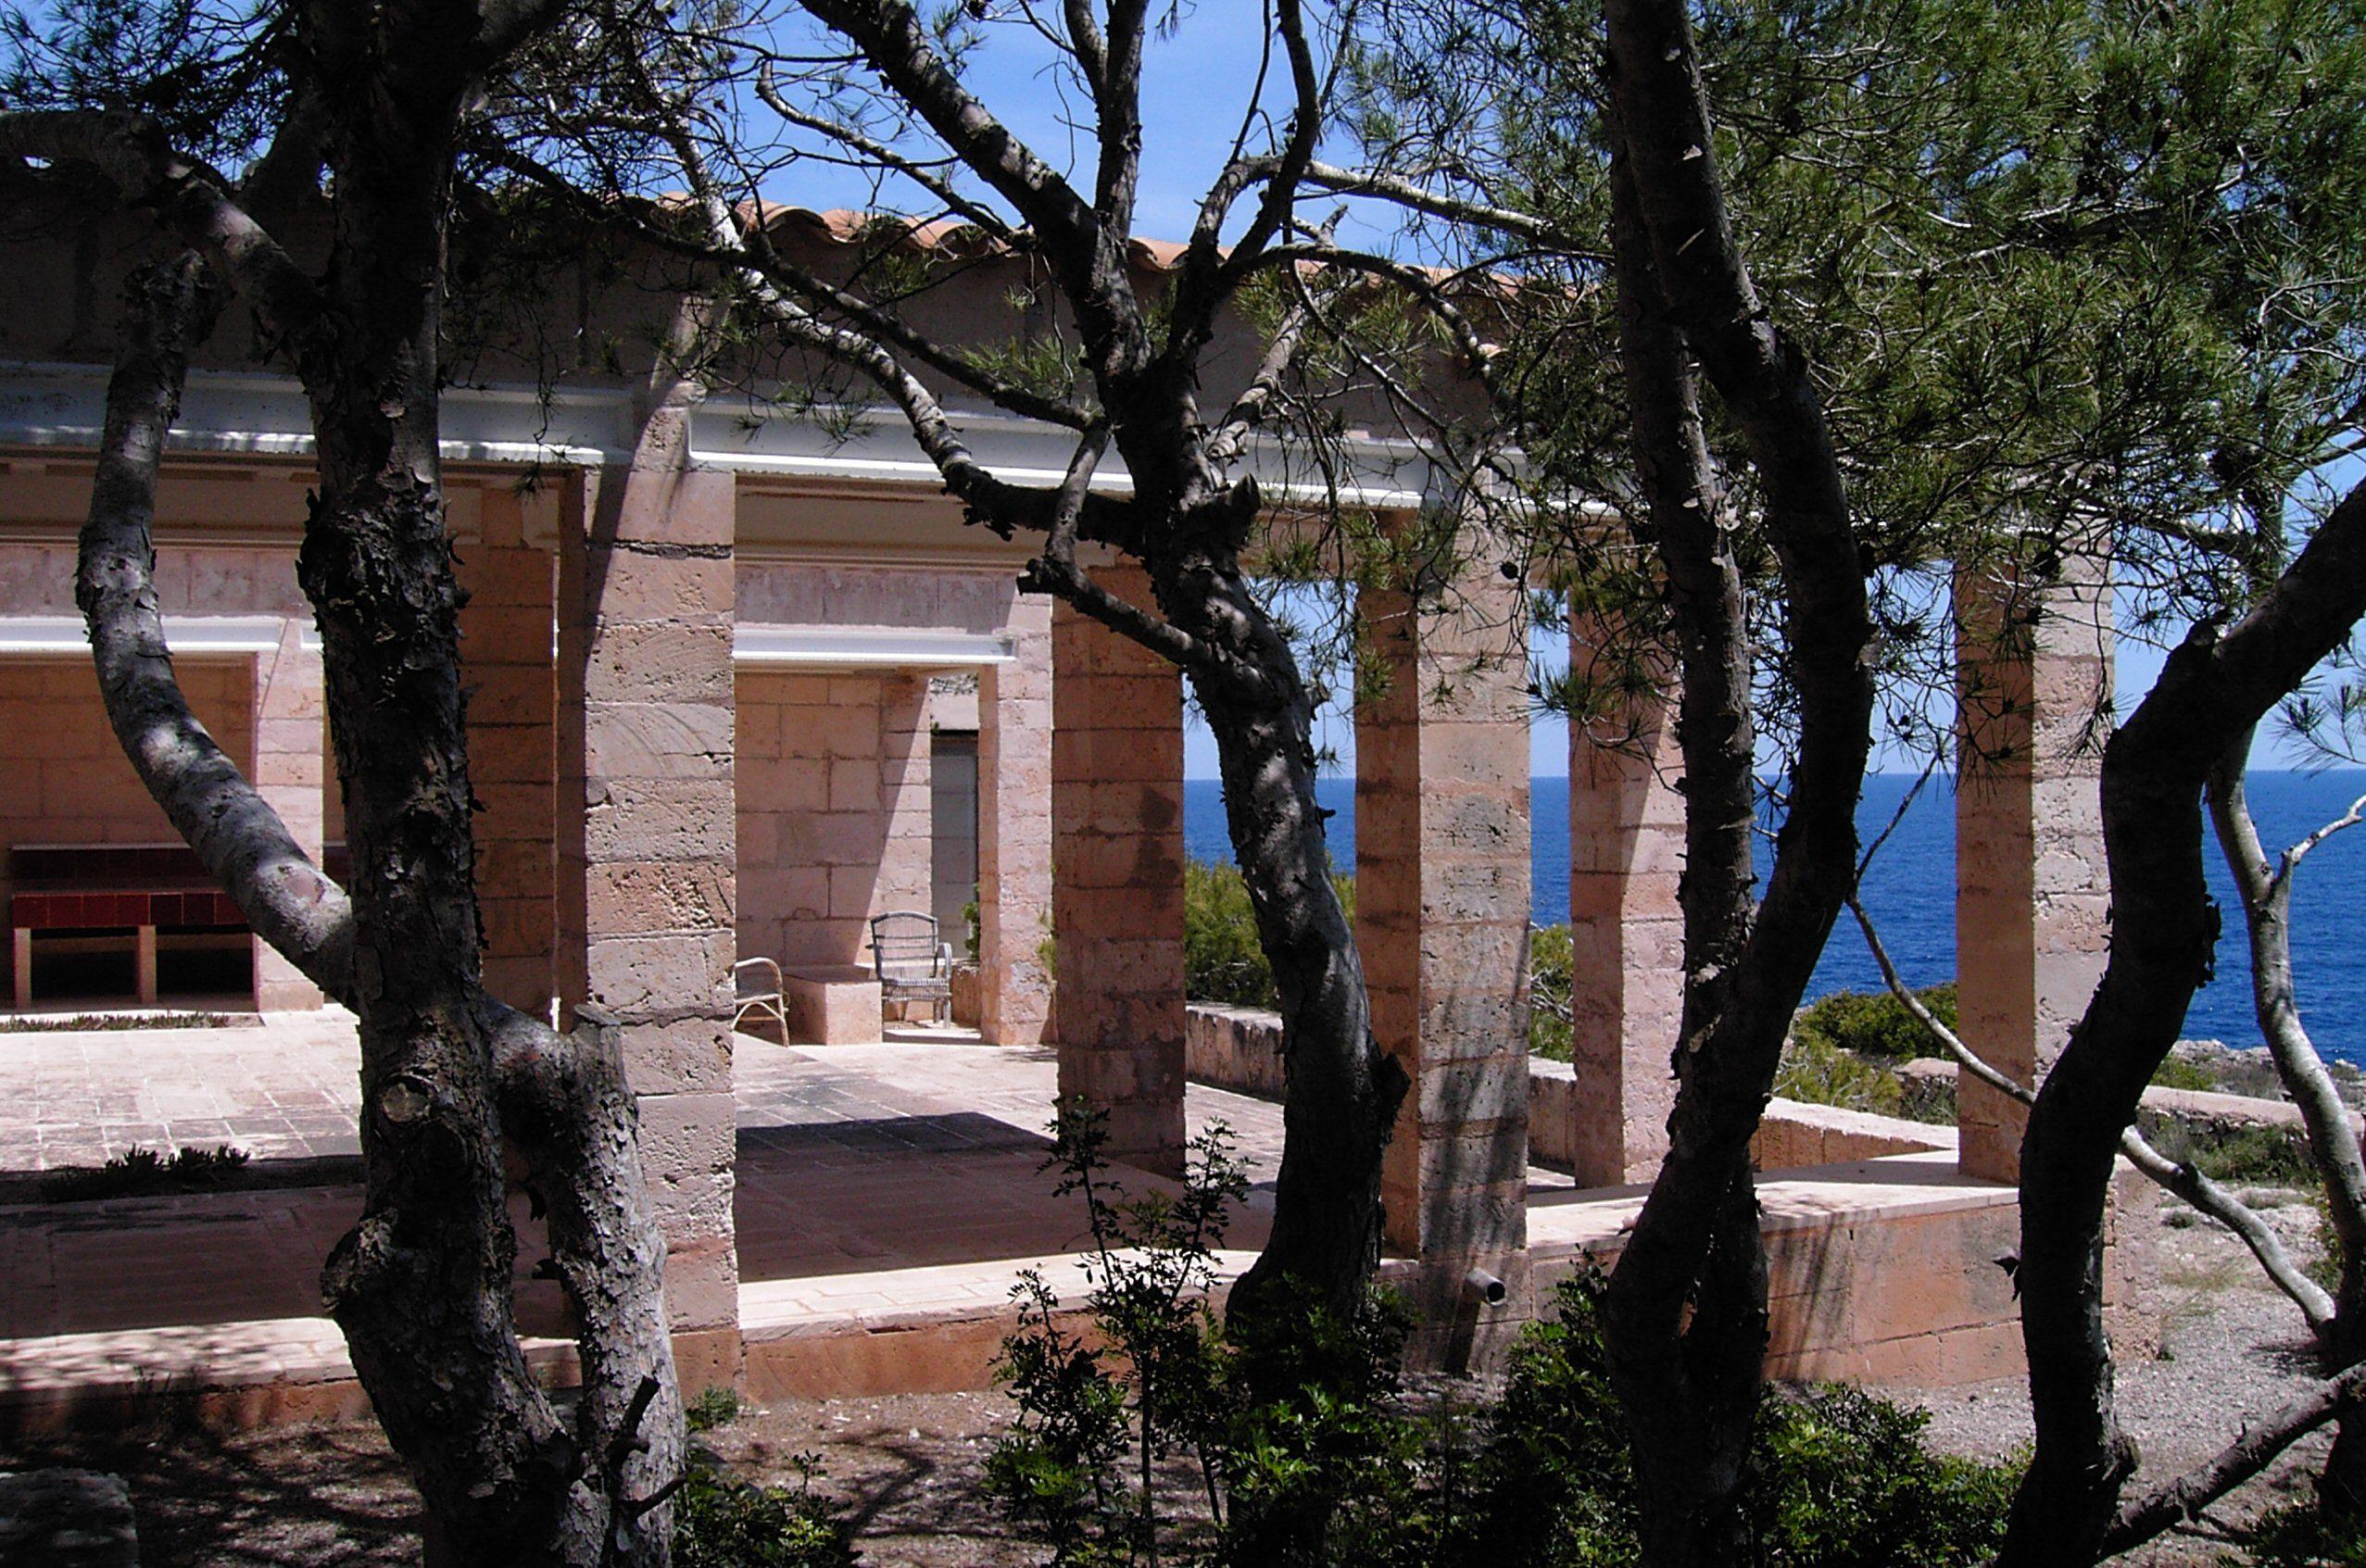 detalj av murstein søyler hvor med trestammer i en bolig plass åpen mot havet